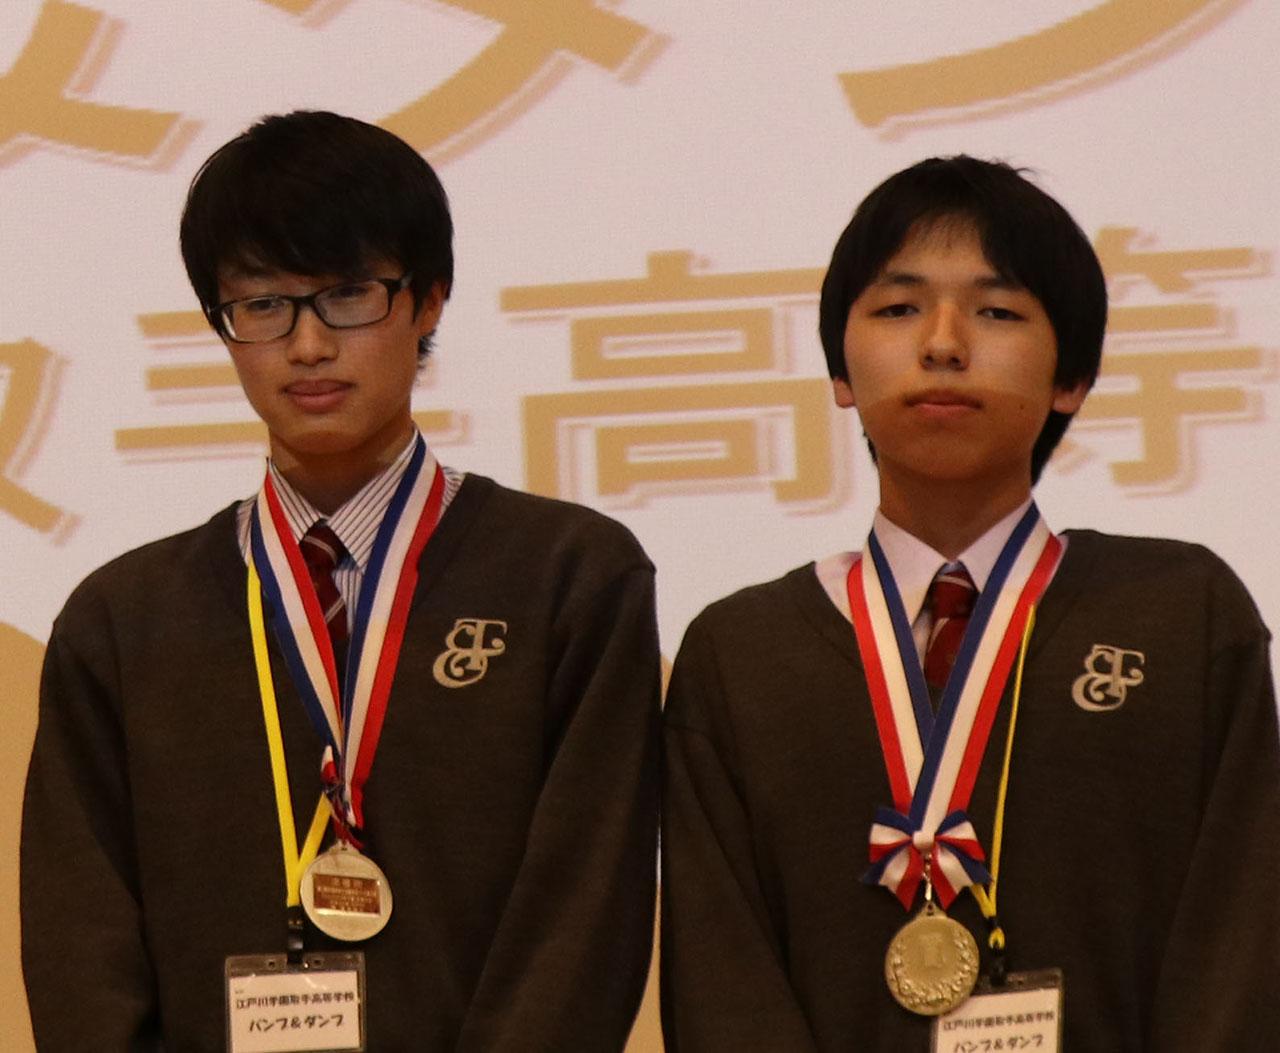 準優勝 土浦第一高等学校 日本語を話す人々